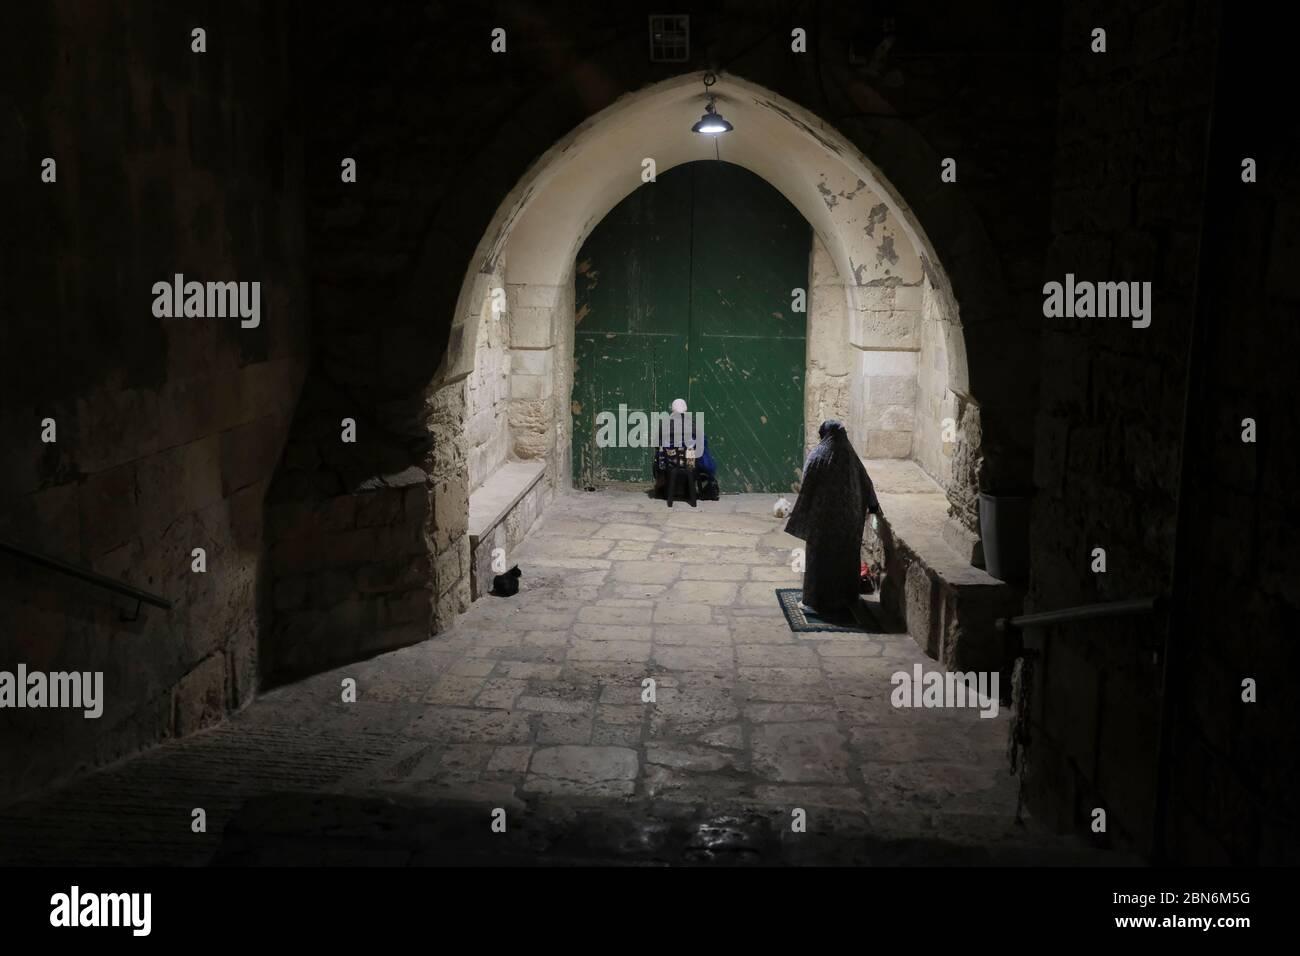 Jérusalem, ISRAËL, 12 mai 2020 : des femmes musulmanes palestiniennes adorantes accomplissant la prière de Taraweeh pendant le mois sacré musulman du Ramadan à l'extérieur de la mosquée fermée d'al-Aqsa dans la vieille ville de Jérusalem, dans le cadre de la pandémie COVID-19, le 12 mai 2020. La mosquée Al-Aqsa, située sur la place du Mont du Temple à Jérusalem, a été fermée il y a 51 jours par le Waqf, l'organisme religieux qui gère les lieux saints musulmans de la ville sainte, une mesure exceptionnelle visant à enrayer la pandémie du coronavirus. Crédit : Eddie Gerald / Alay Live News Banque D'Images